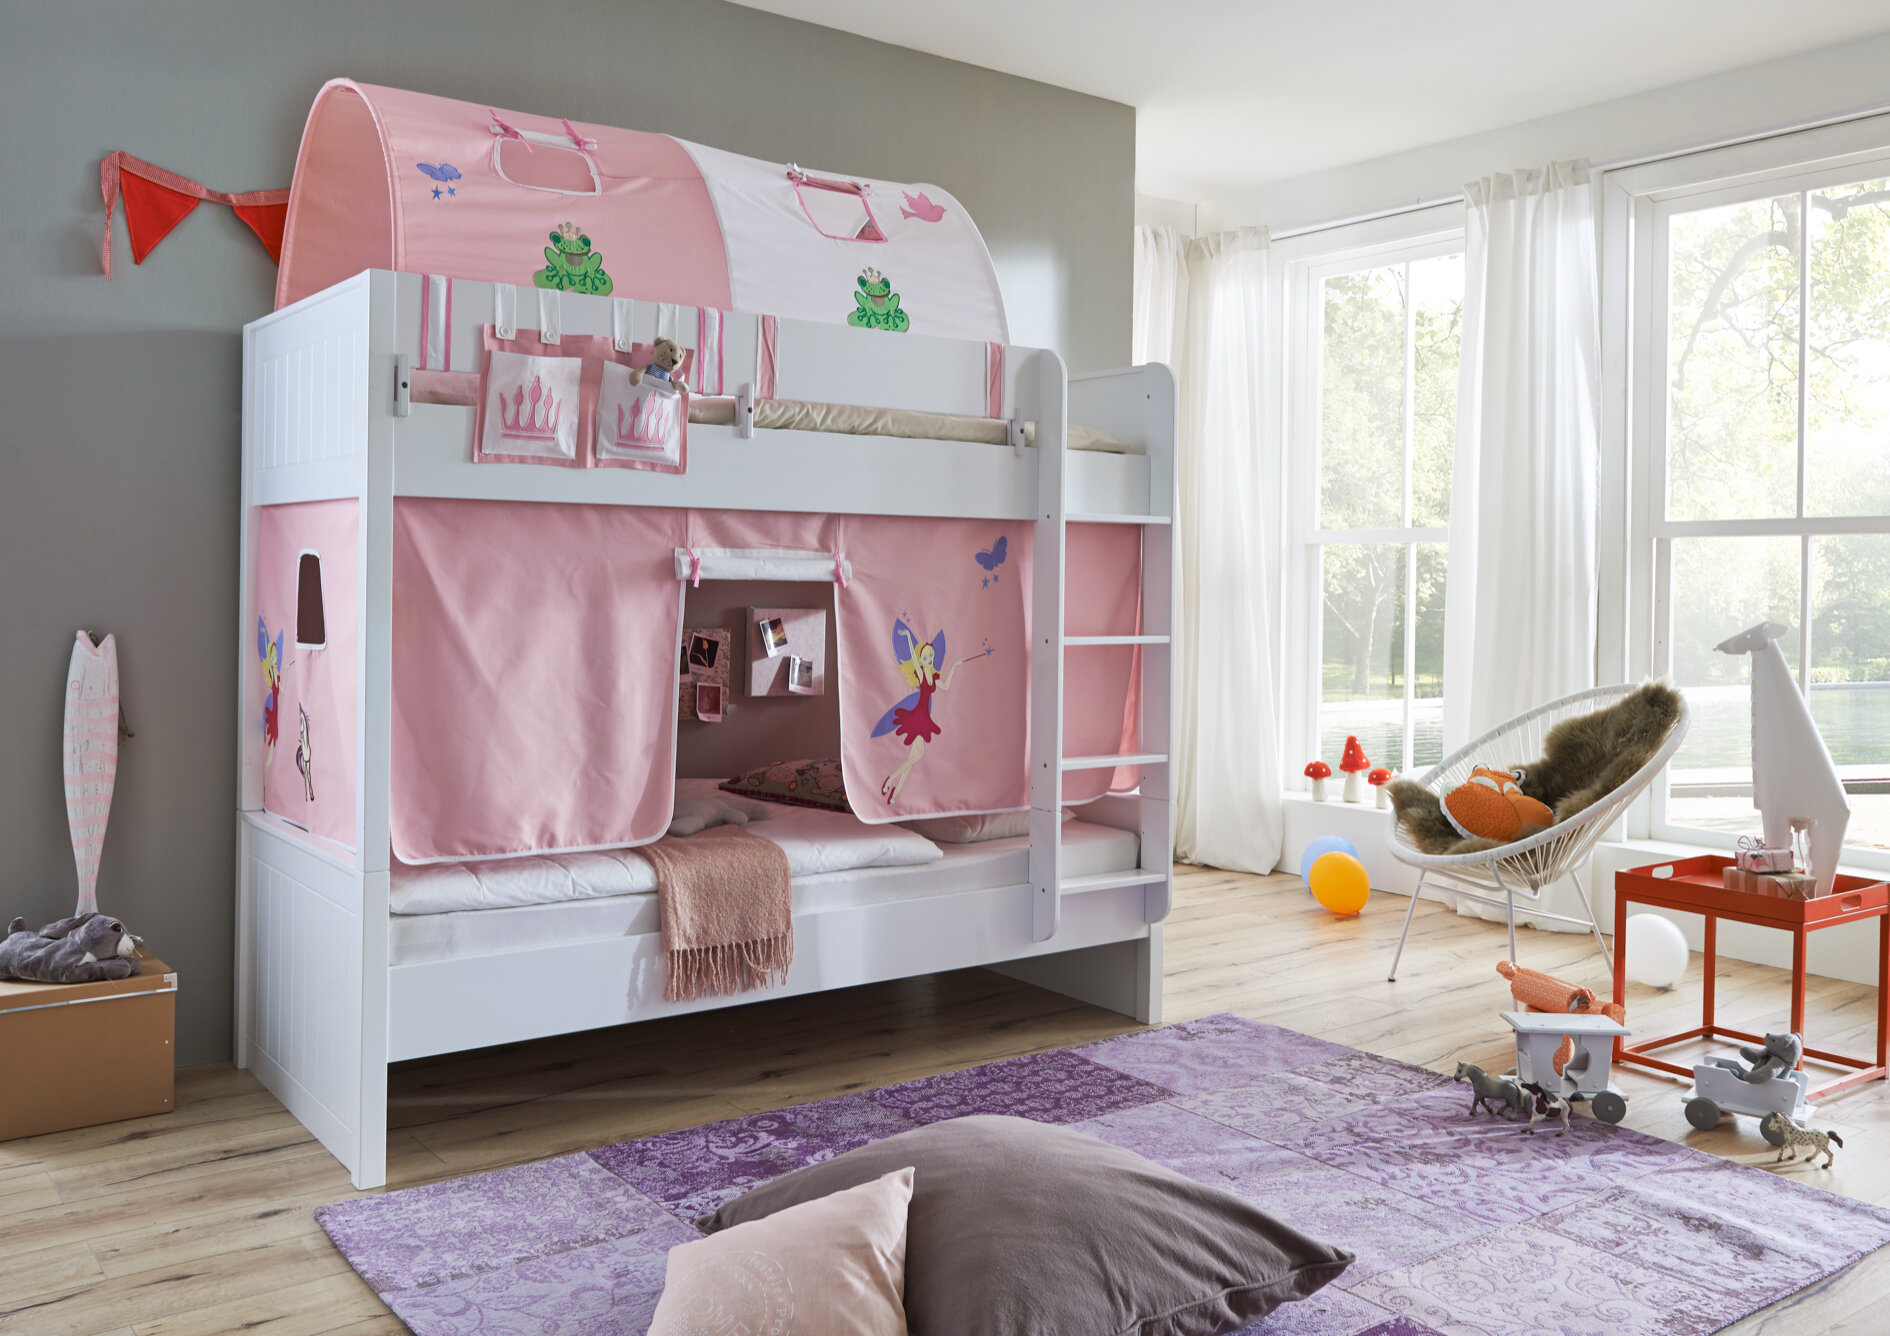 Etagenbett Wayfair : Etagenbett ja oder nein kinderzimmer für zwei jungs ideen zum